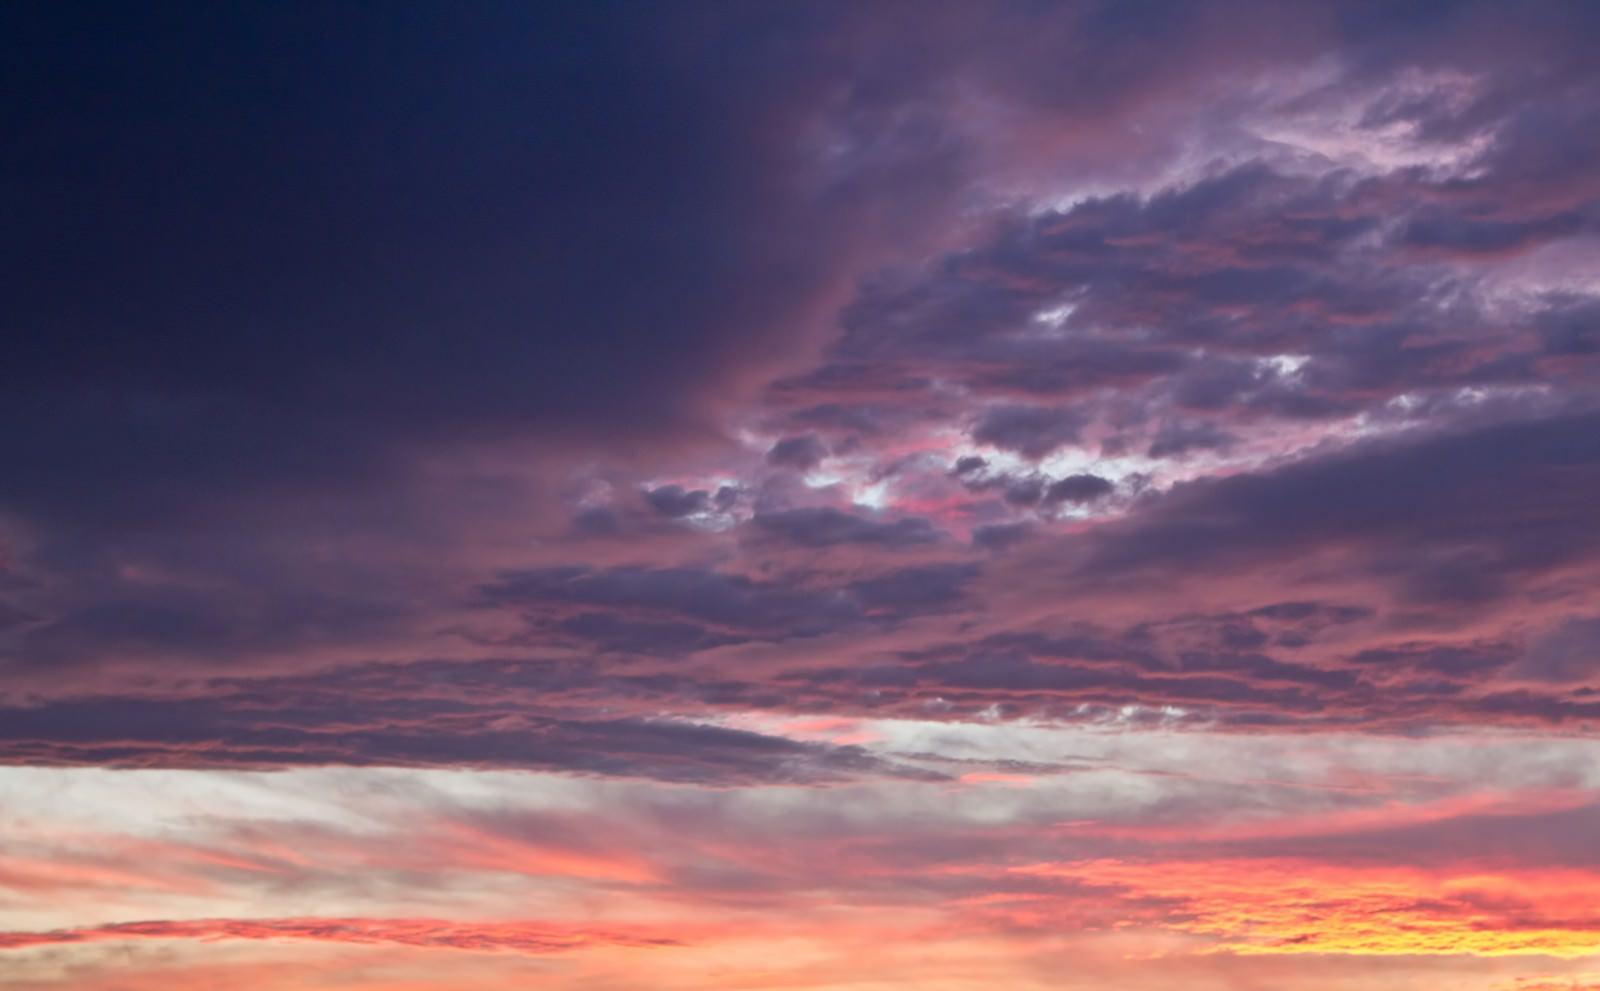 「夕焼け色の空と雲夕焼け色の空と雲」のフリー写真素材を拡大